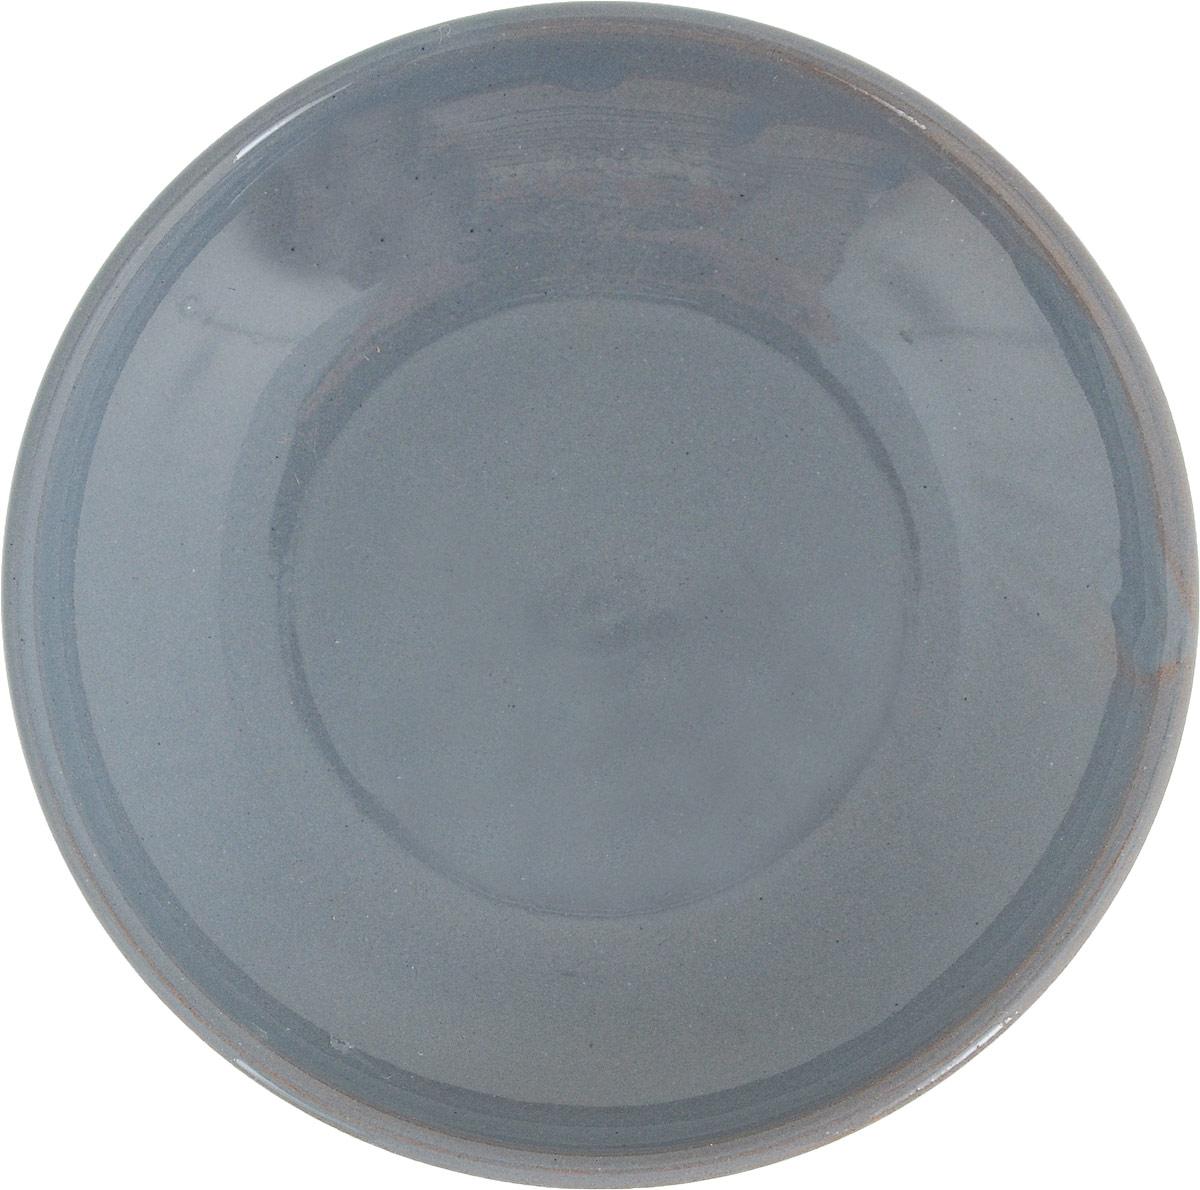 Блюдце Борисовская керамика Радуга, цвет: серый, диаметр 10 смРАД14458109_серыйБлюдце Борисовская керамика Радуга, изготовленное из высококачественной керамики, предназначено для красивой подачи различных блюд. Такое блюдце украсит сервировку стола и подчеркнет прекрасный вкус хозяйки. Можно мыть в посудомоечной машине и использовать в микроволновой печи.